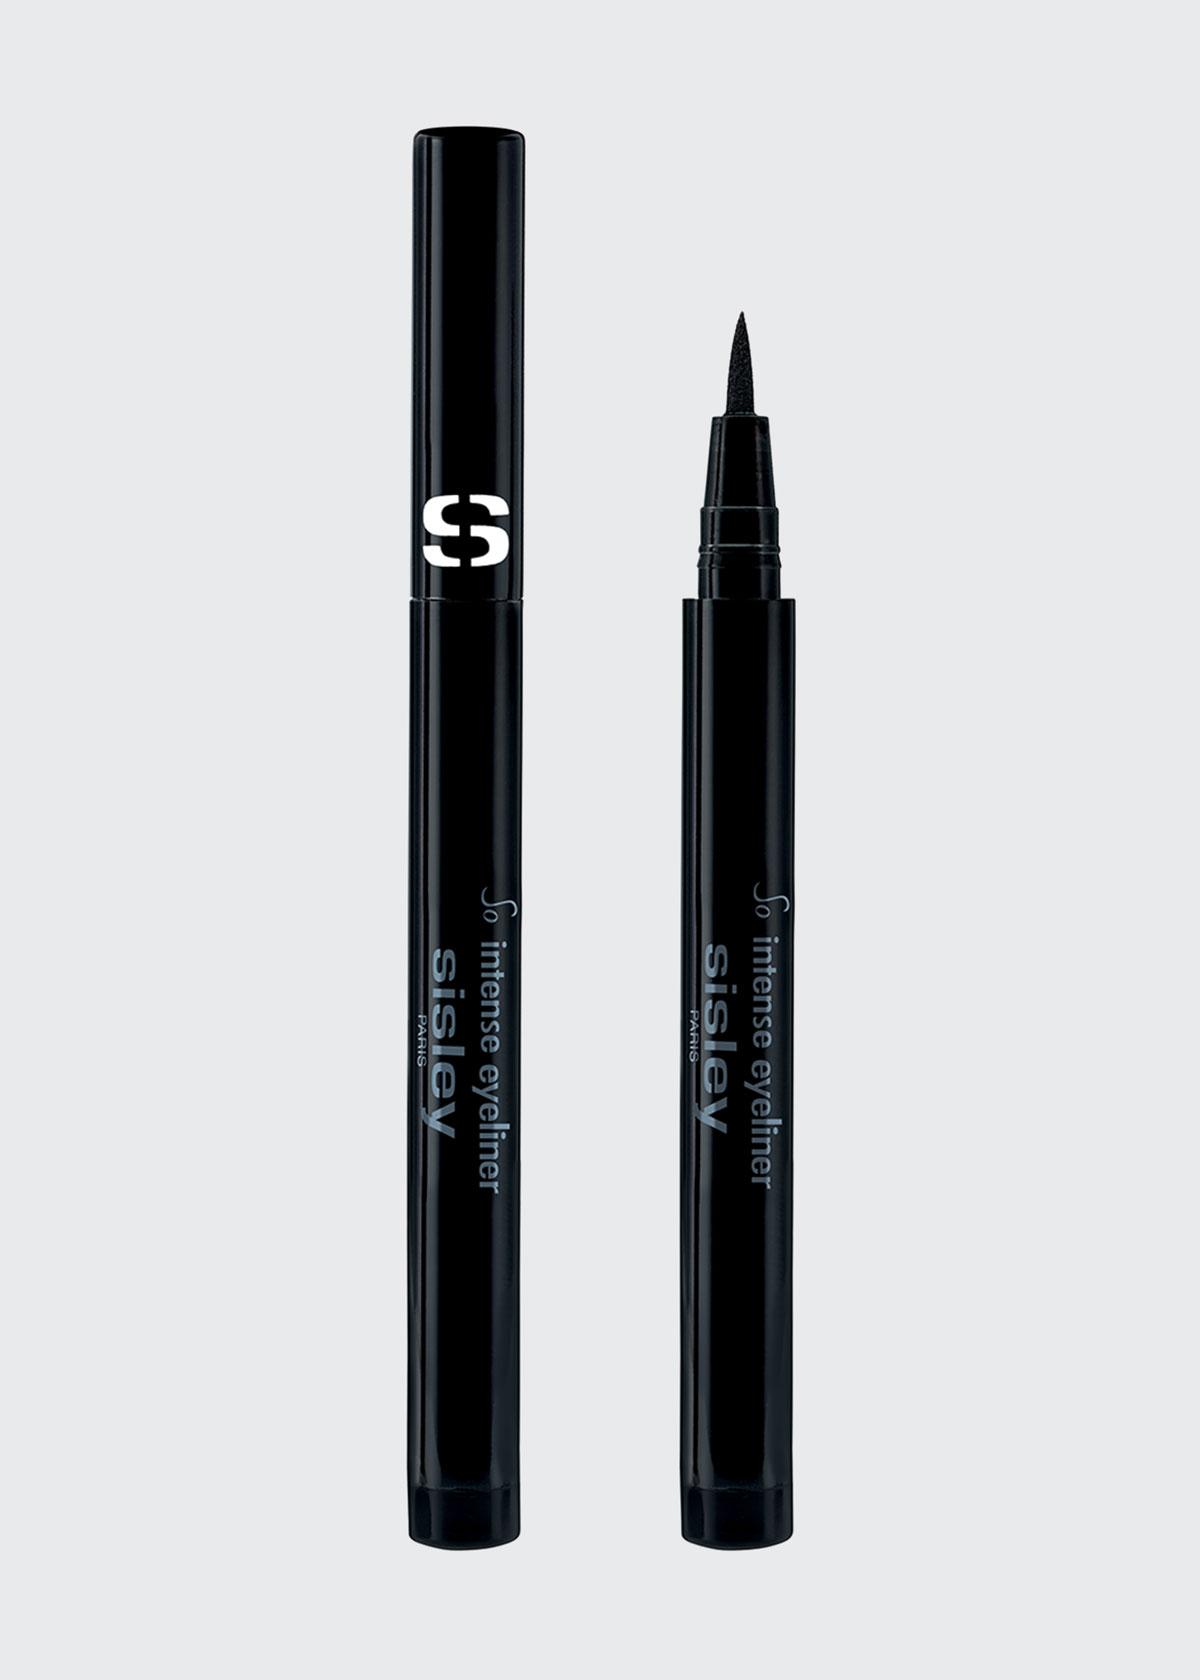 Sisley-Paris So Intense Eyeliner, 01 Deep Black